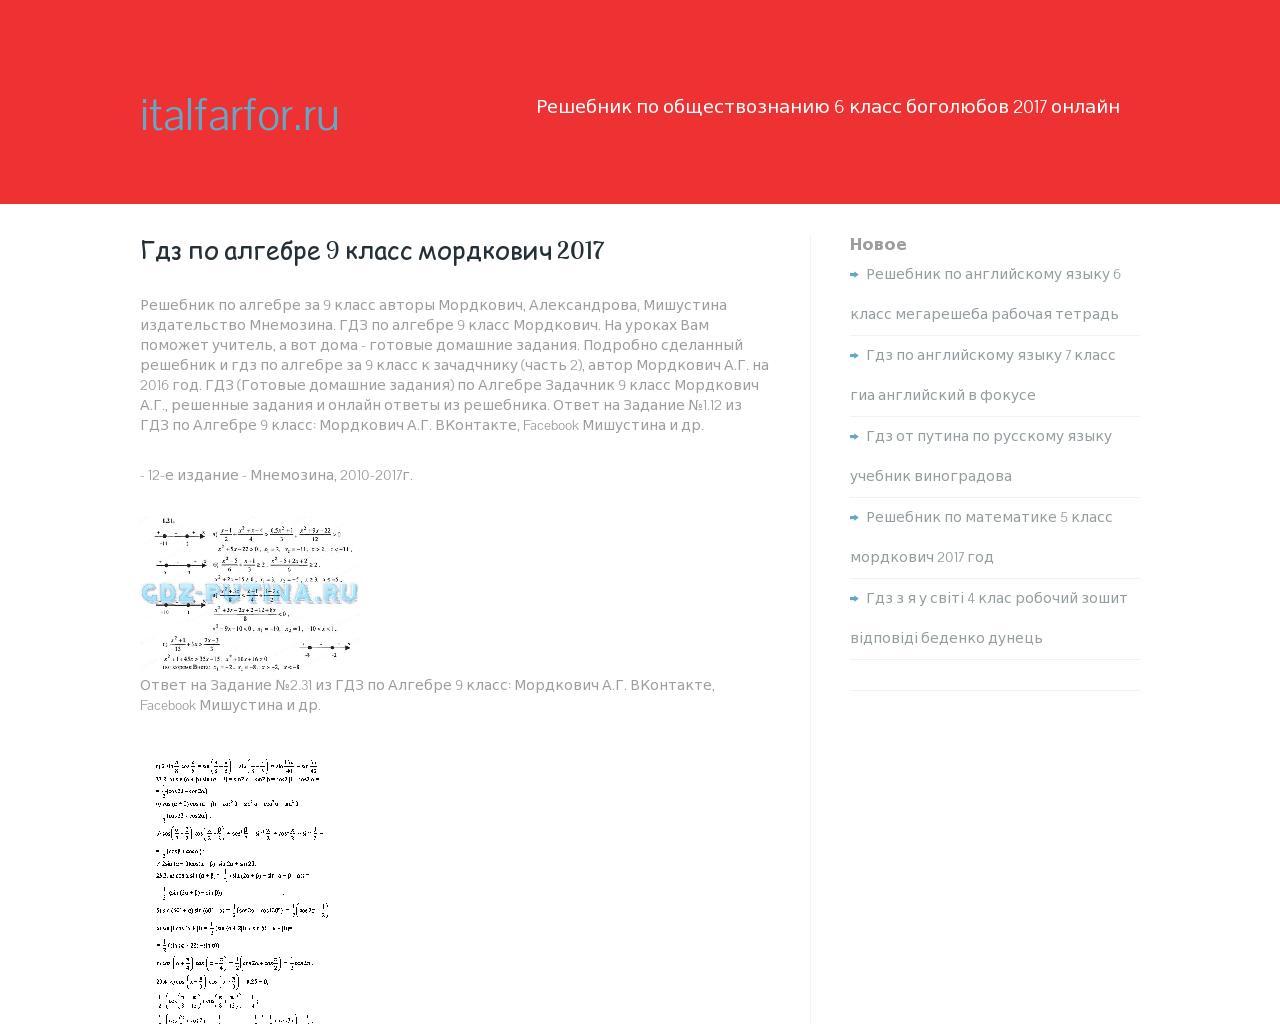 Mirurokov.ru Гдз Онлайн.html